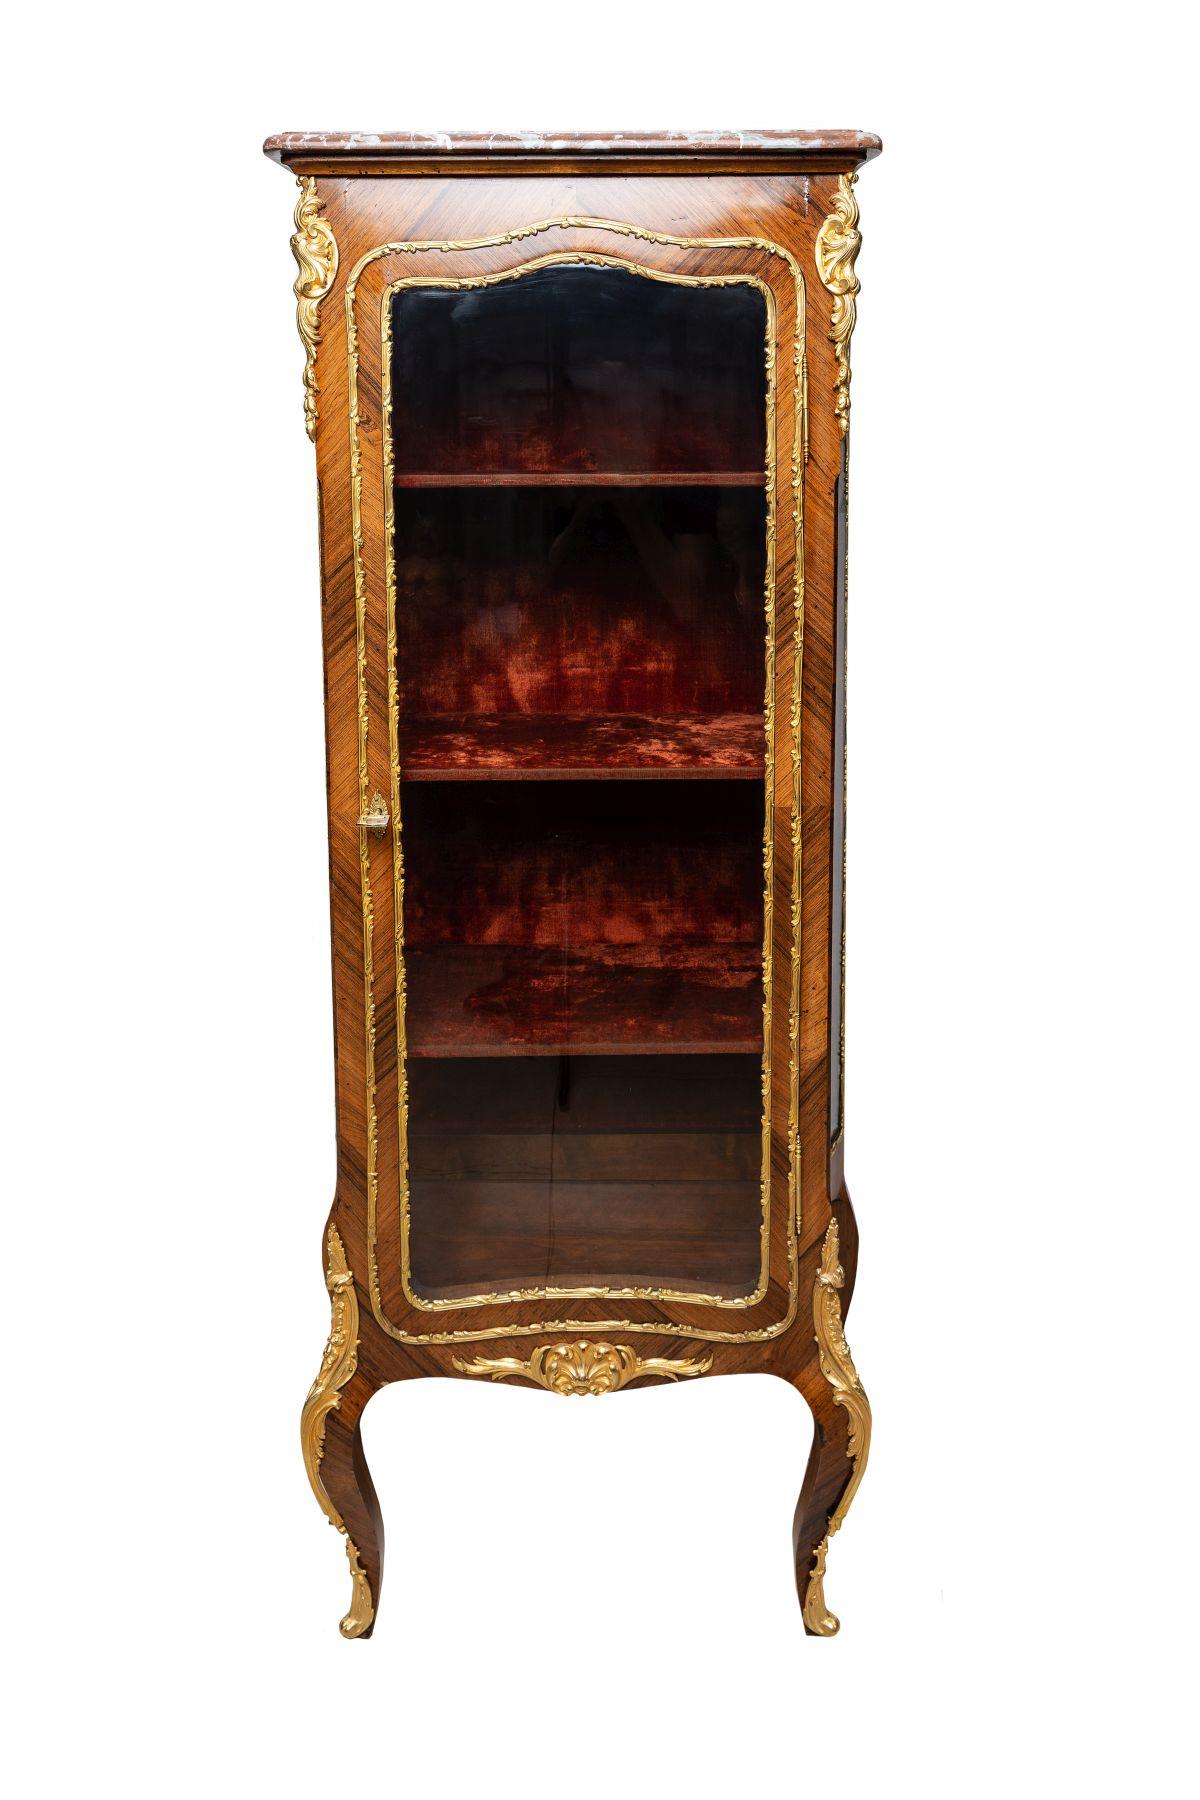 #159 Glas cabinet | Glas Vitrine im Louis XV Stil Image